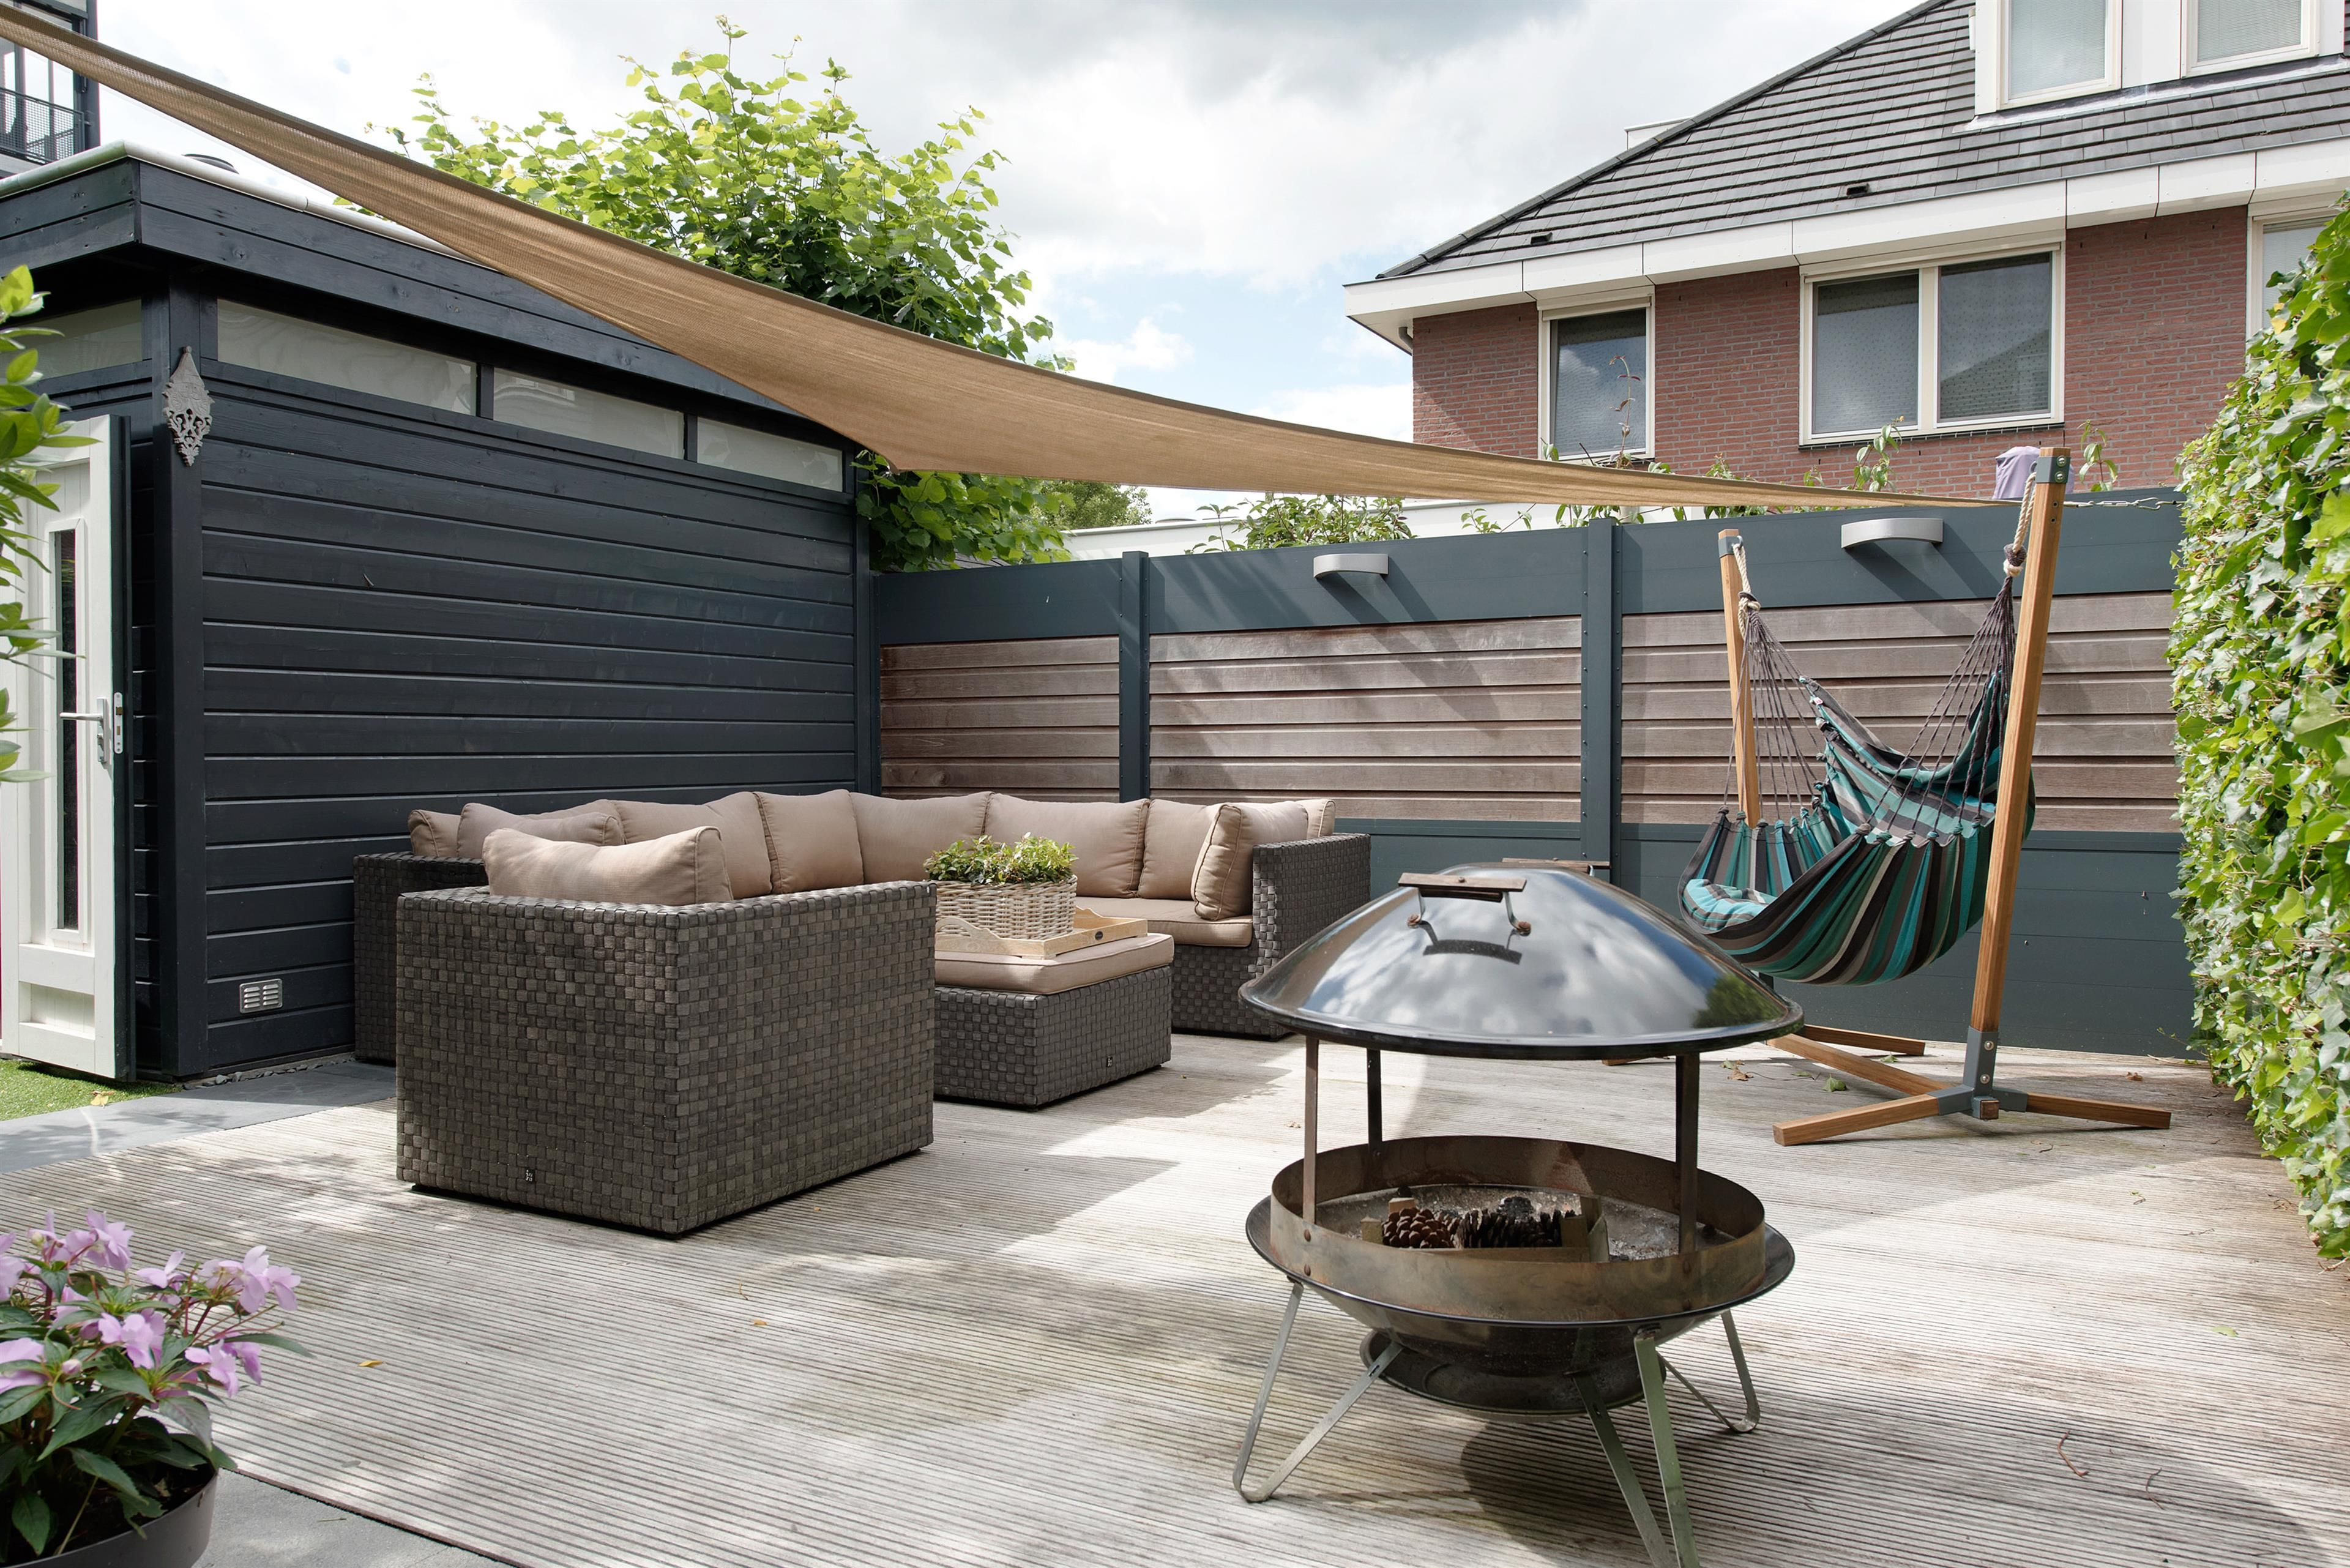 Heerlijke Tuin Vakantiegevoel : Wil je een eigen plekje in je tuin zet een fraaie hangmat neer of